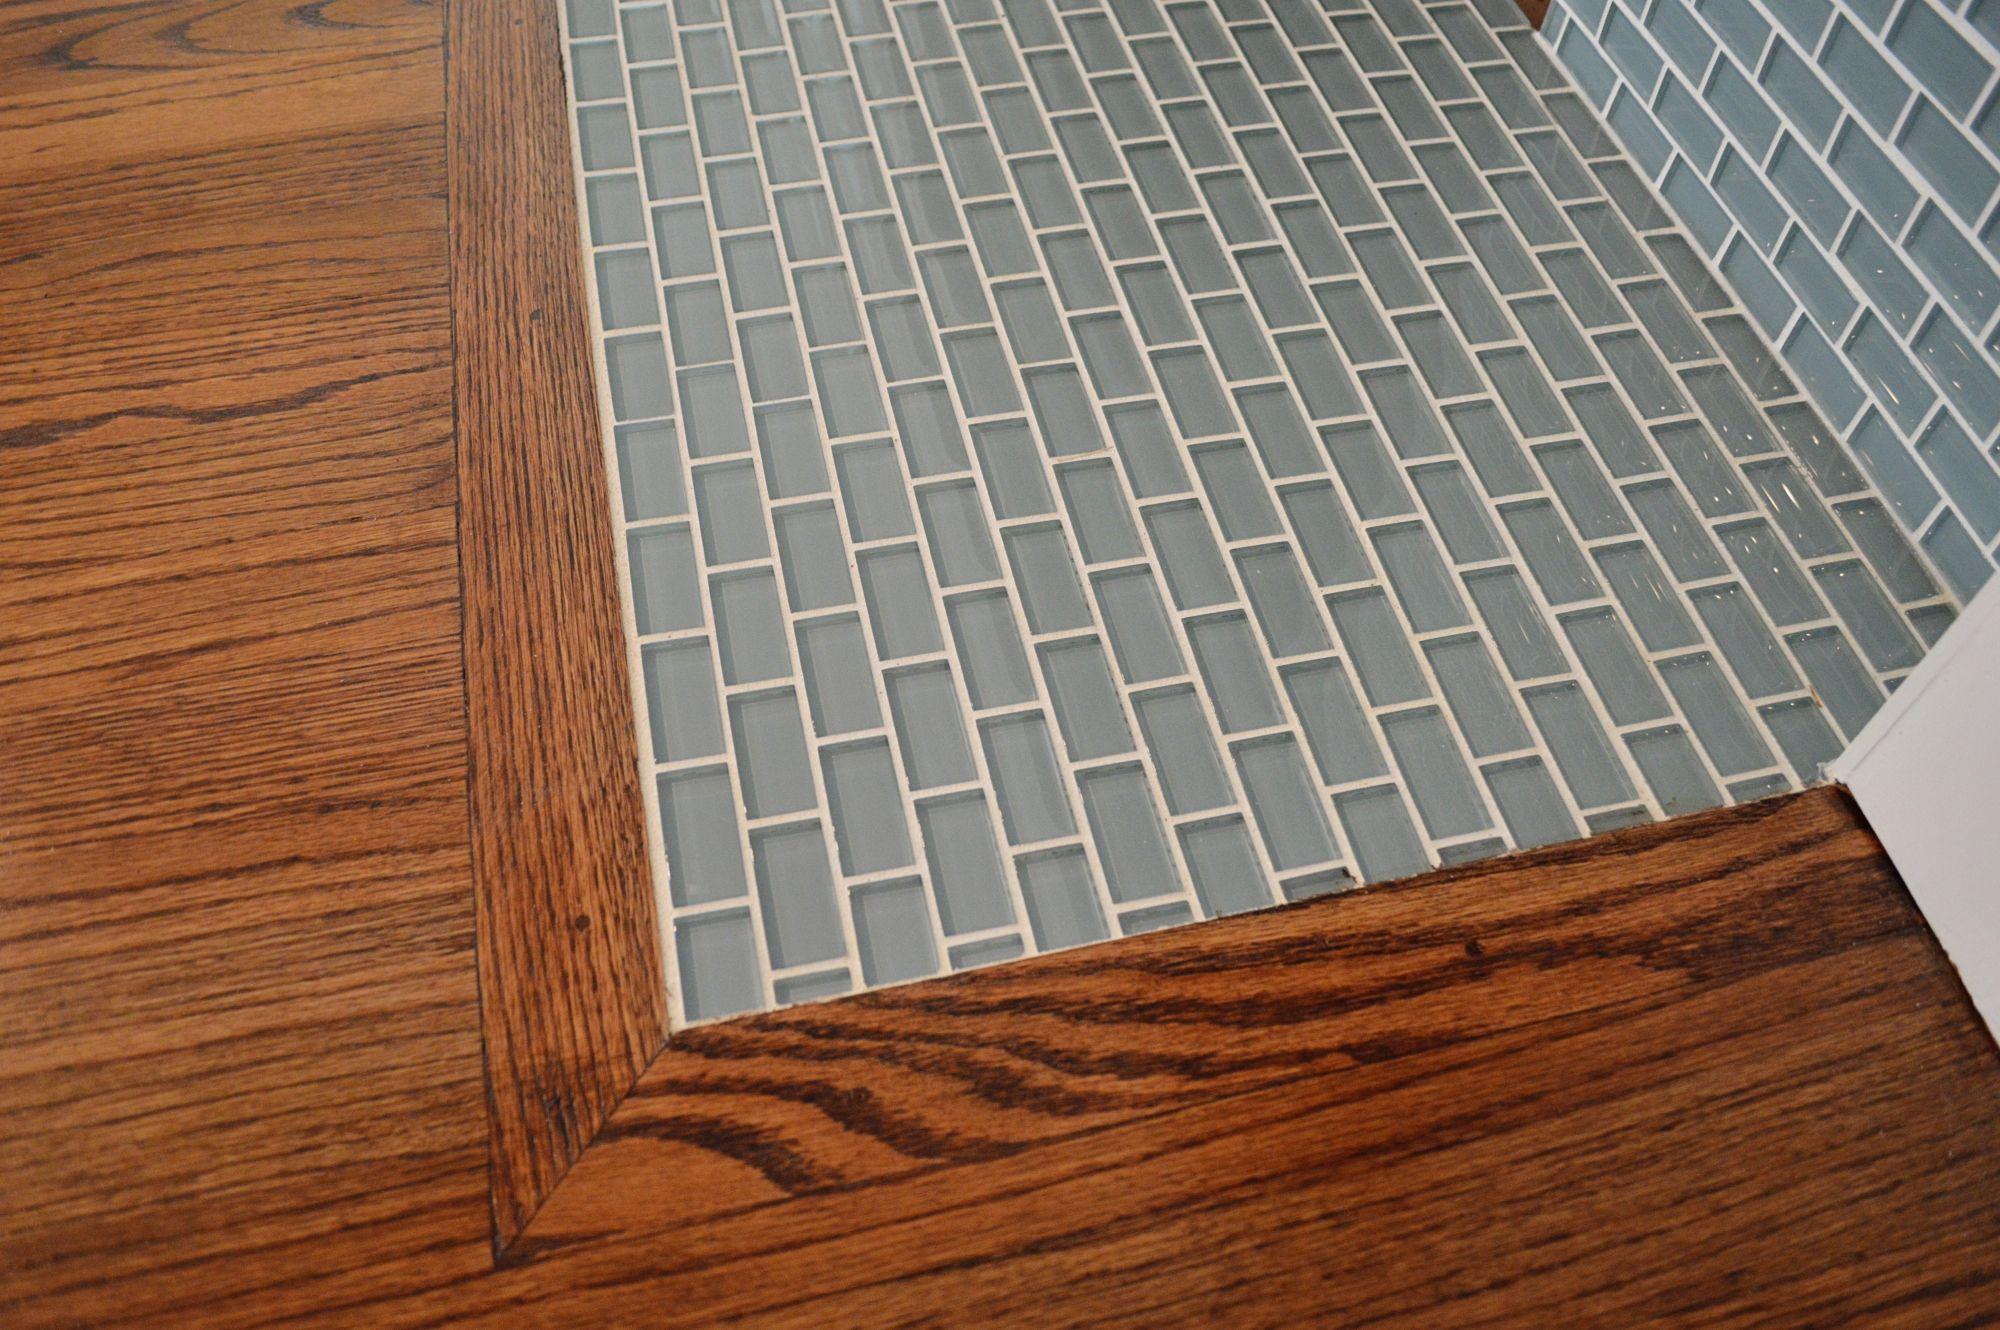 Ocean X Mini Glass Subway Tile Pinterest Residential - Strongest floor tile